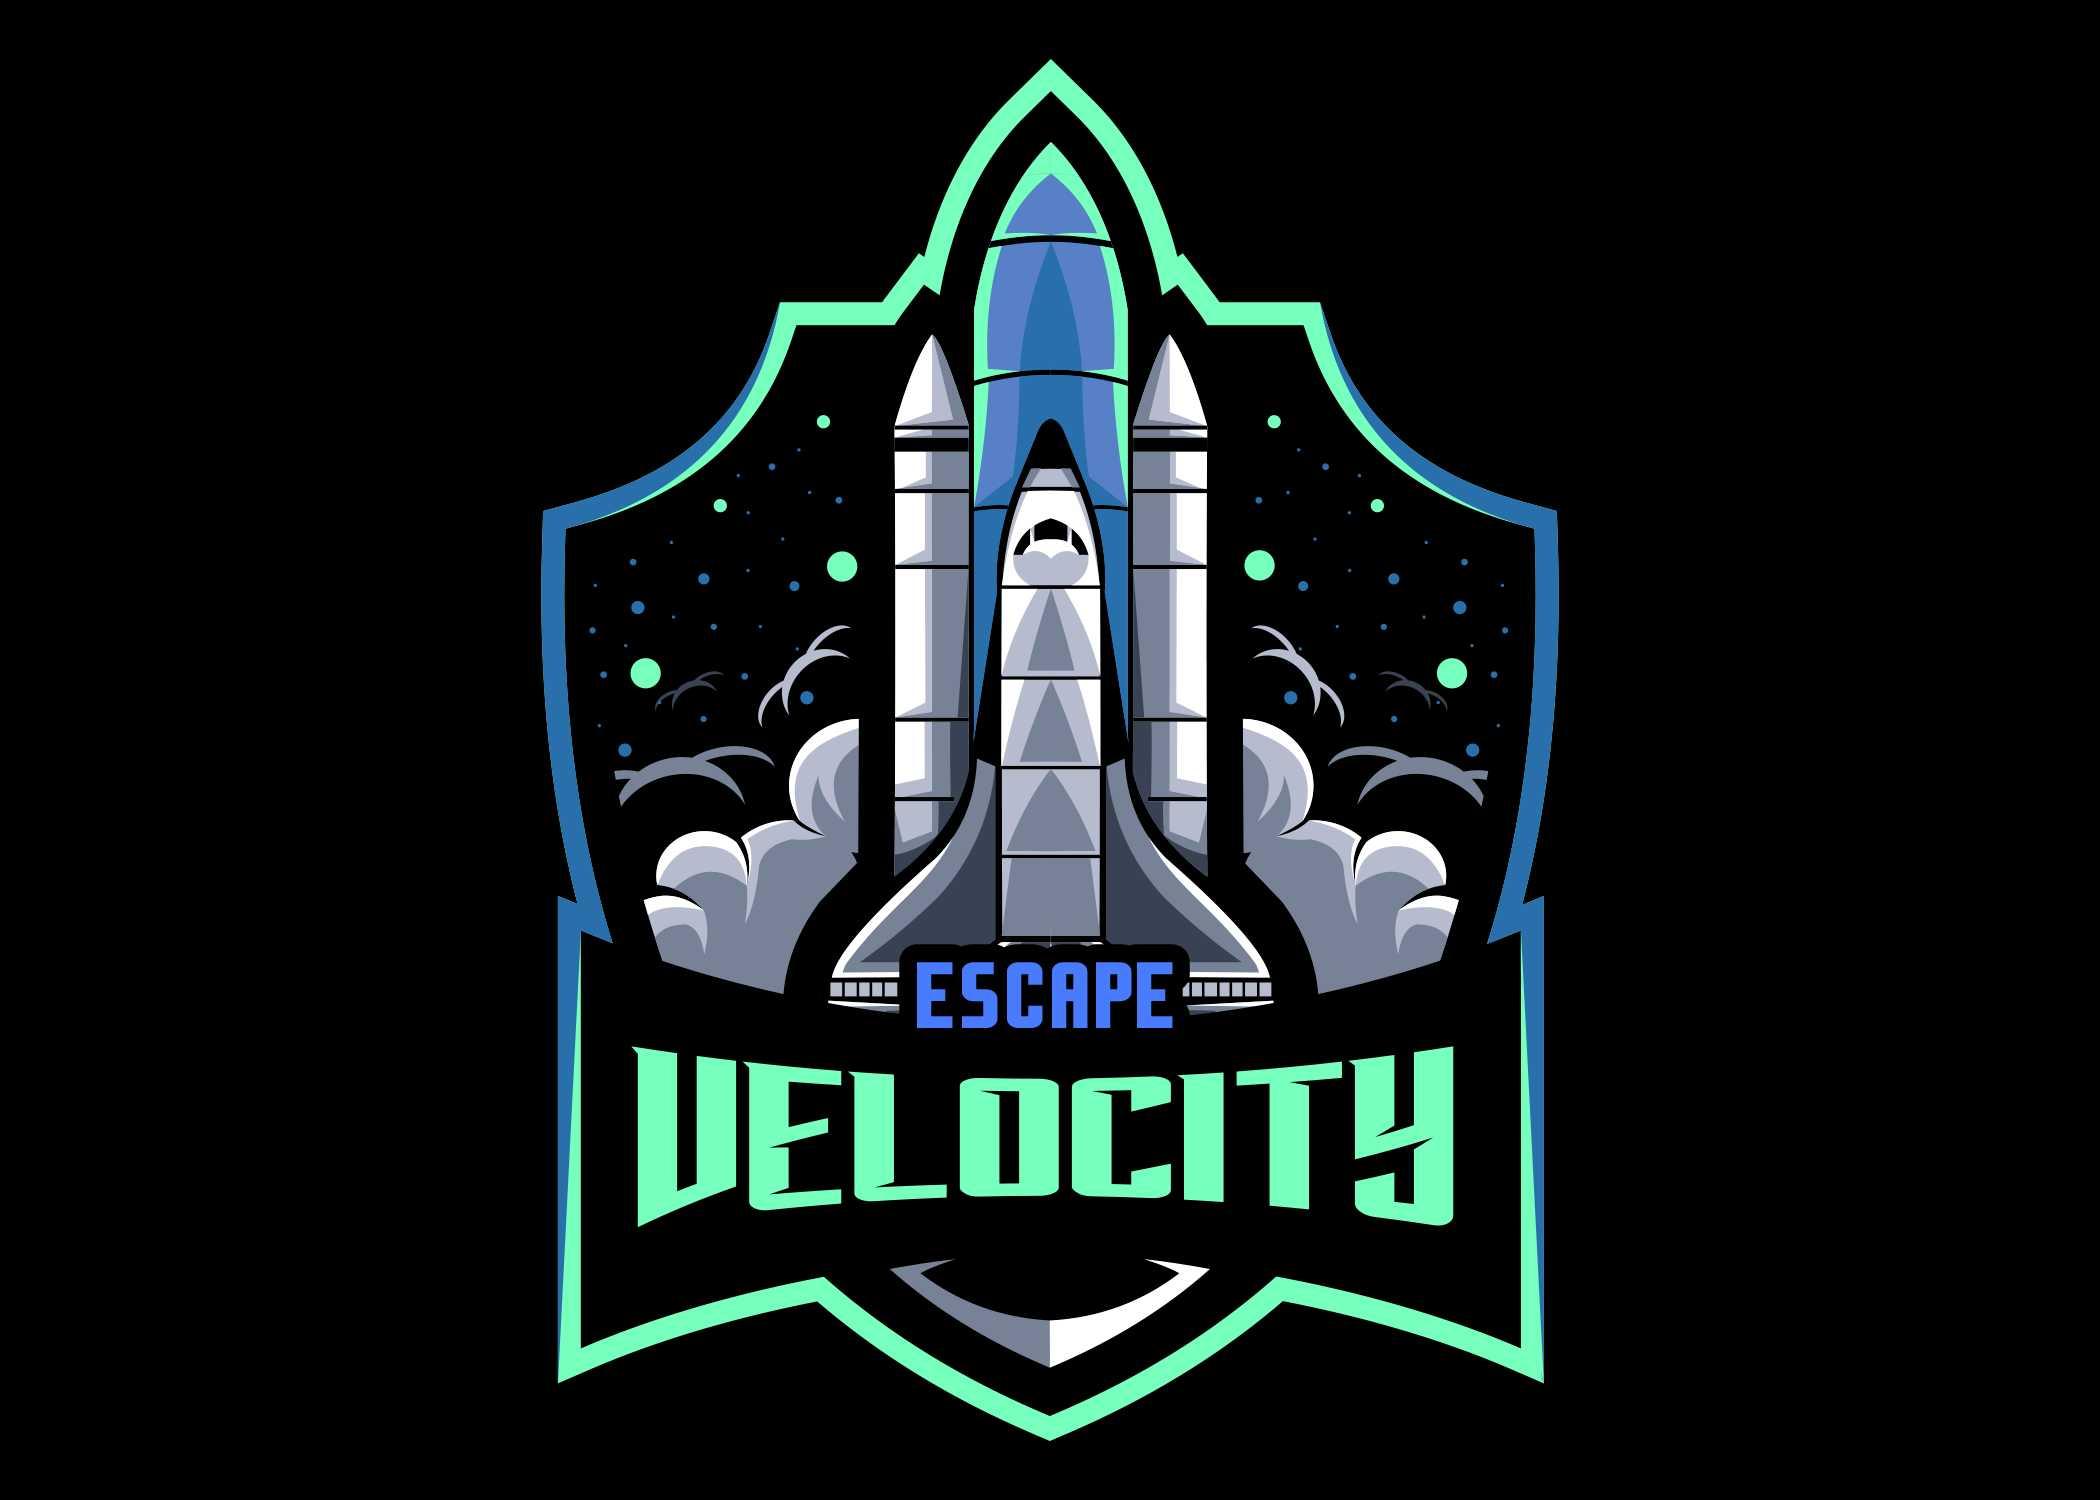 Escape Velocity's logo